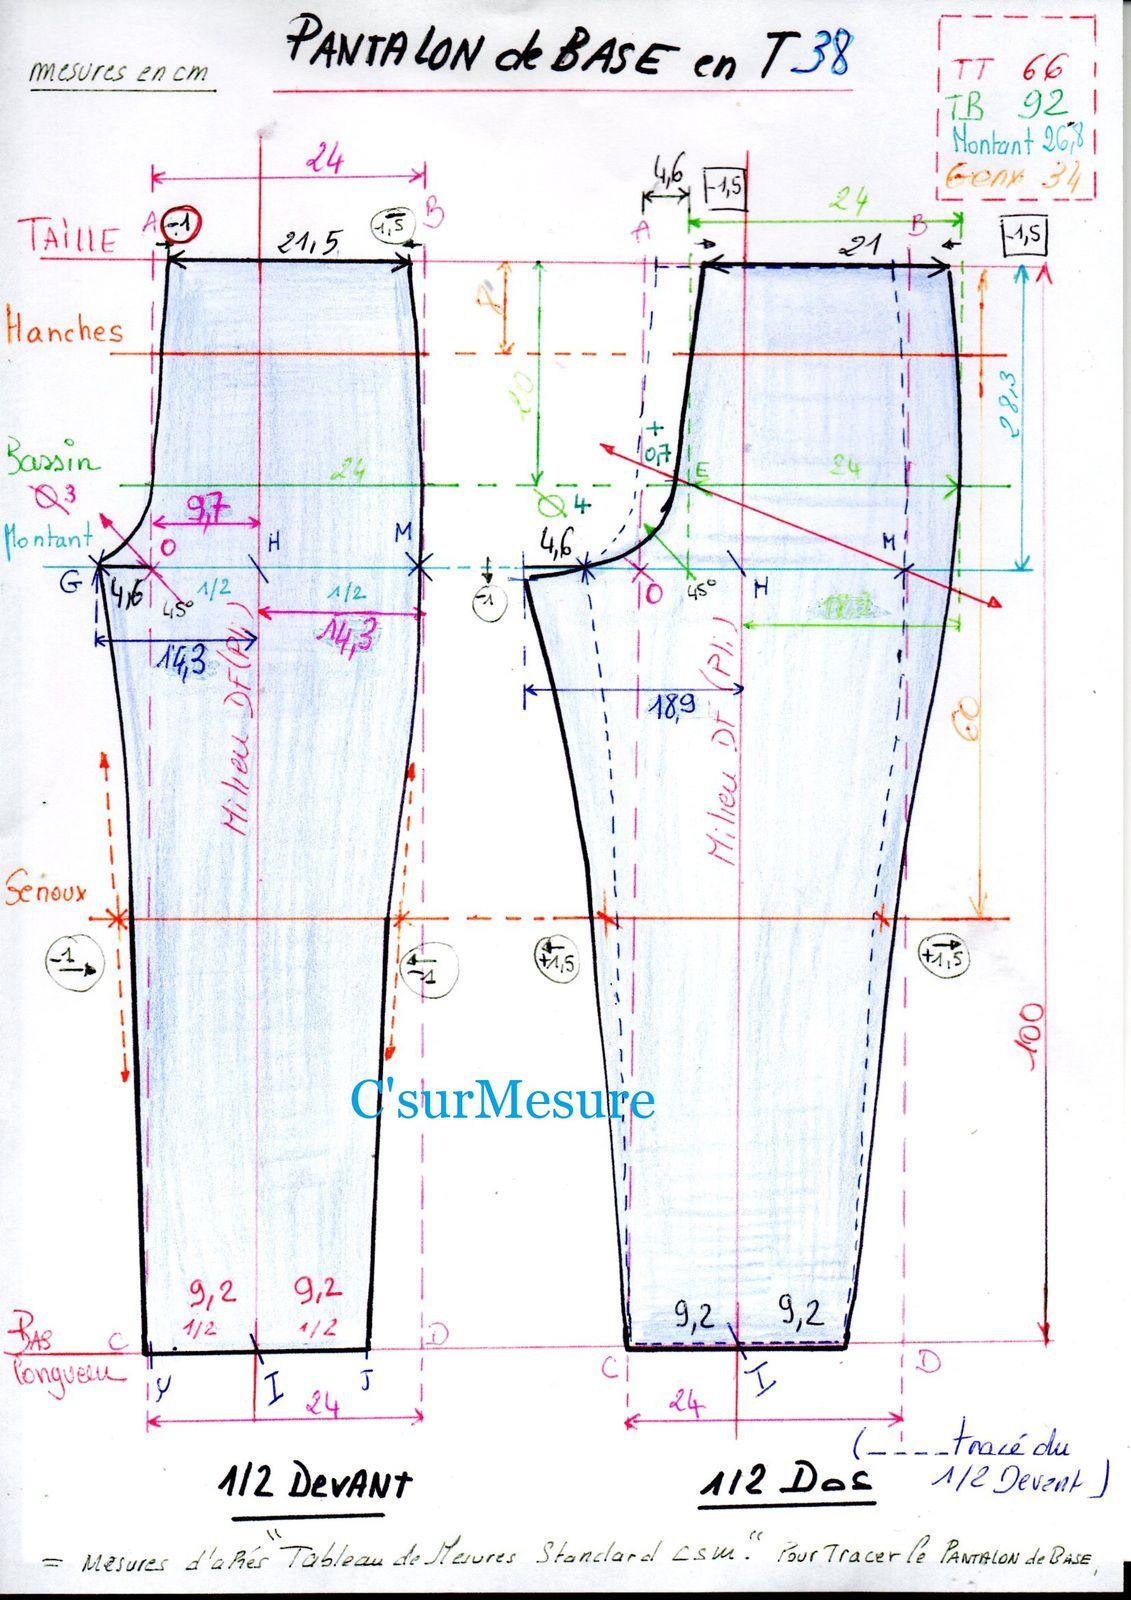 fiche tracé du Pantalon de Base TB38csm